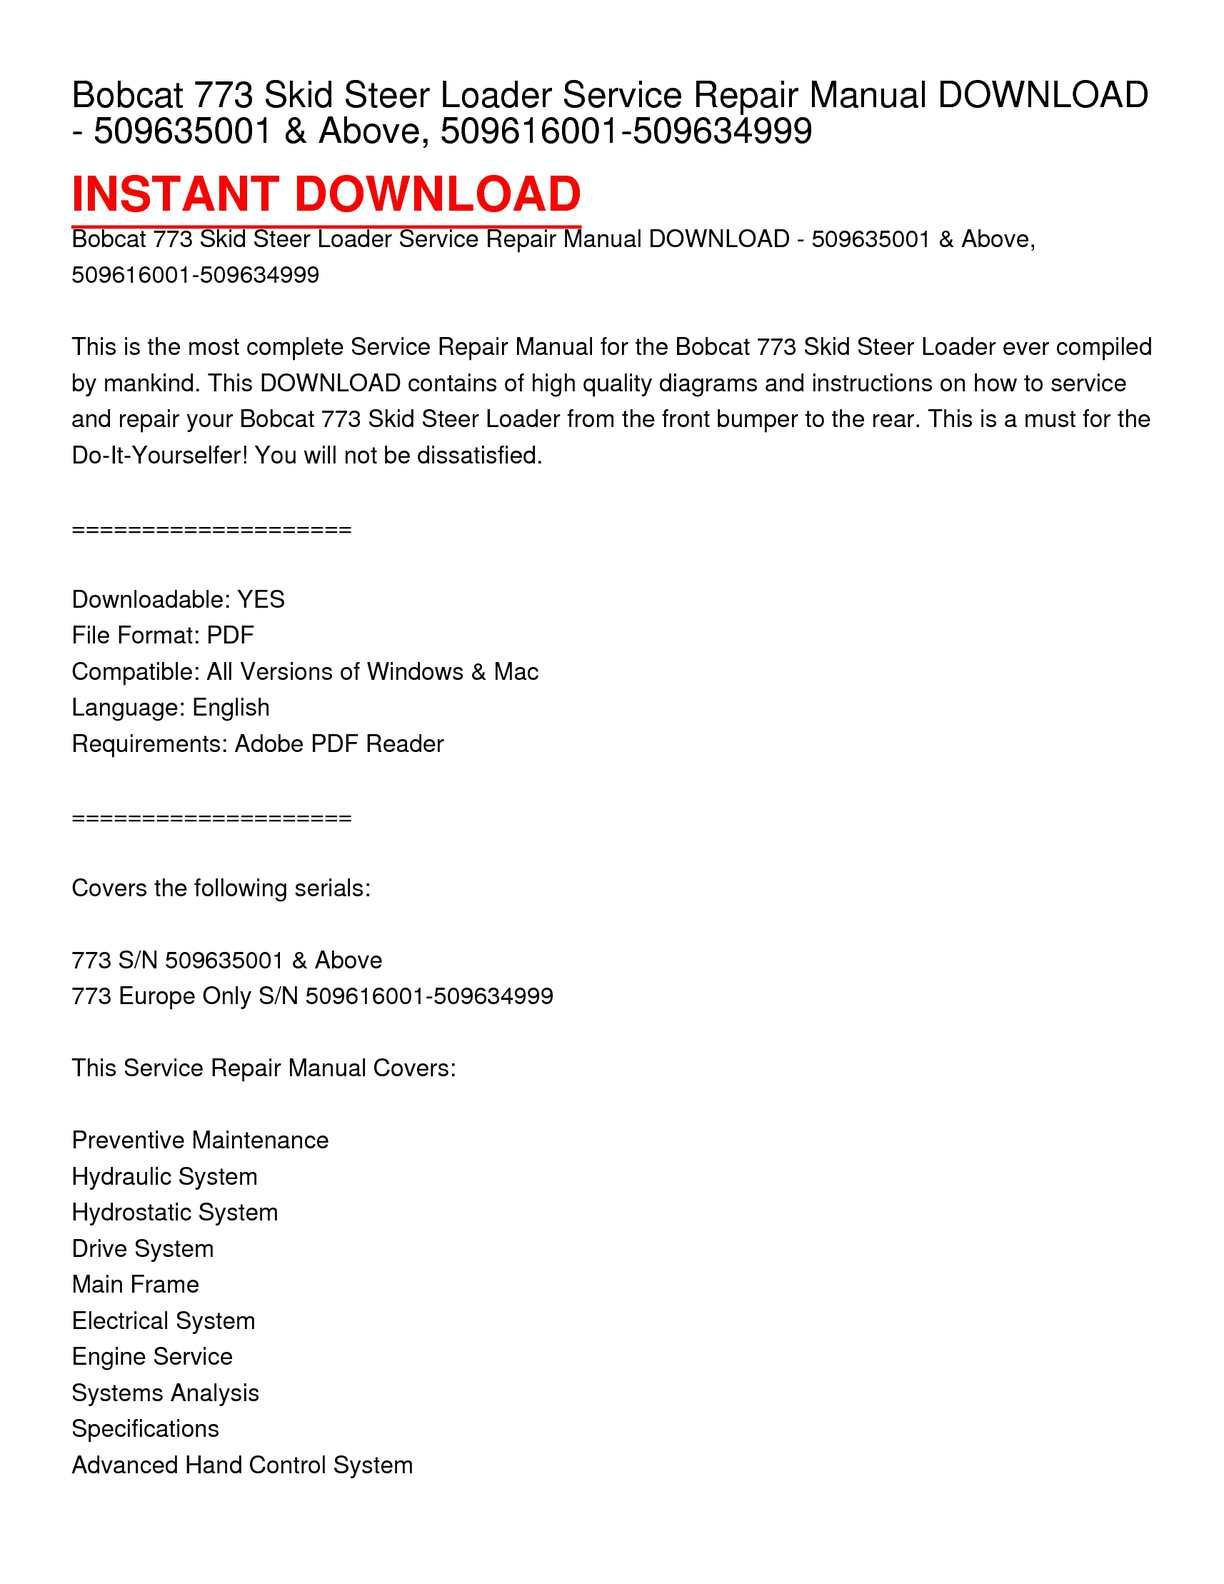 Calaméo - Bobcat 773 Skid Steer Loader Service Repair Manual DOWNLOAD -  509635001 & Above, 509616001-509634999